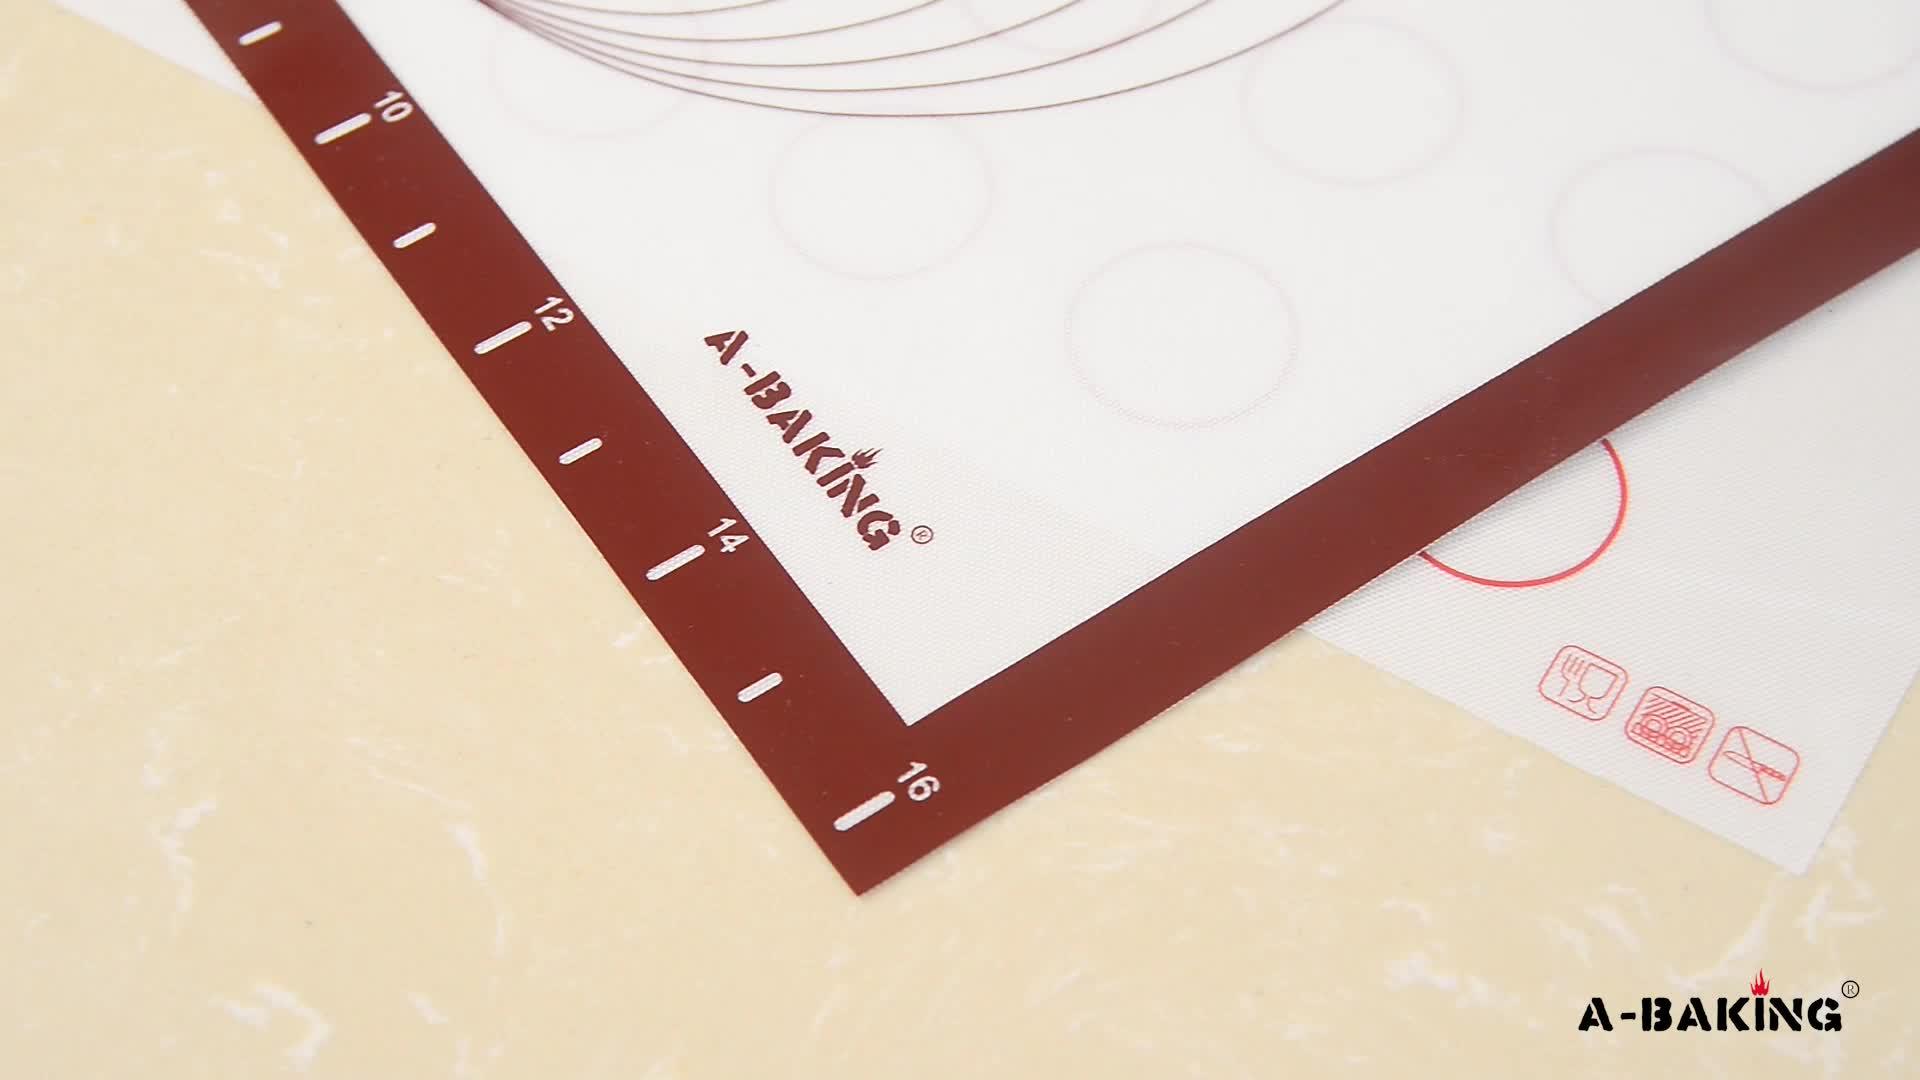 30x40cm Silicone Cuisson Tapis de Pâtisserie Avec Des Mesures Pour Rouler Pizza, Tartes, cookies et Feuilles de Pâte